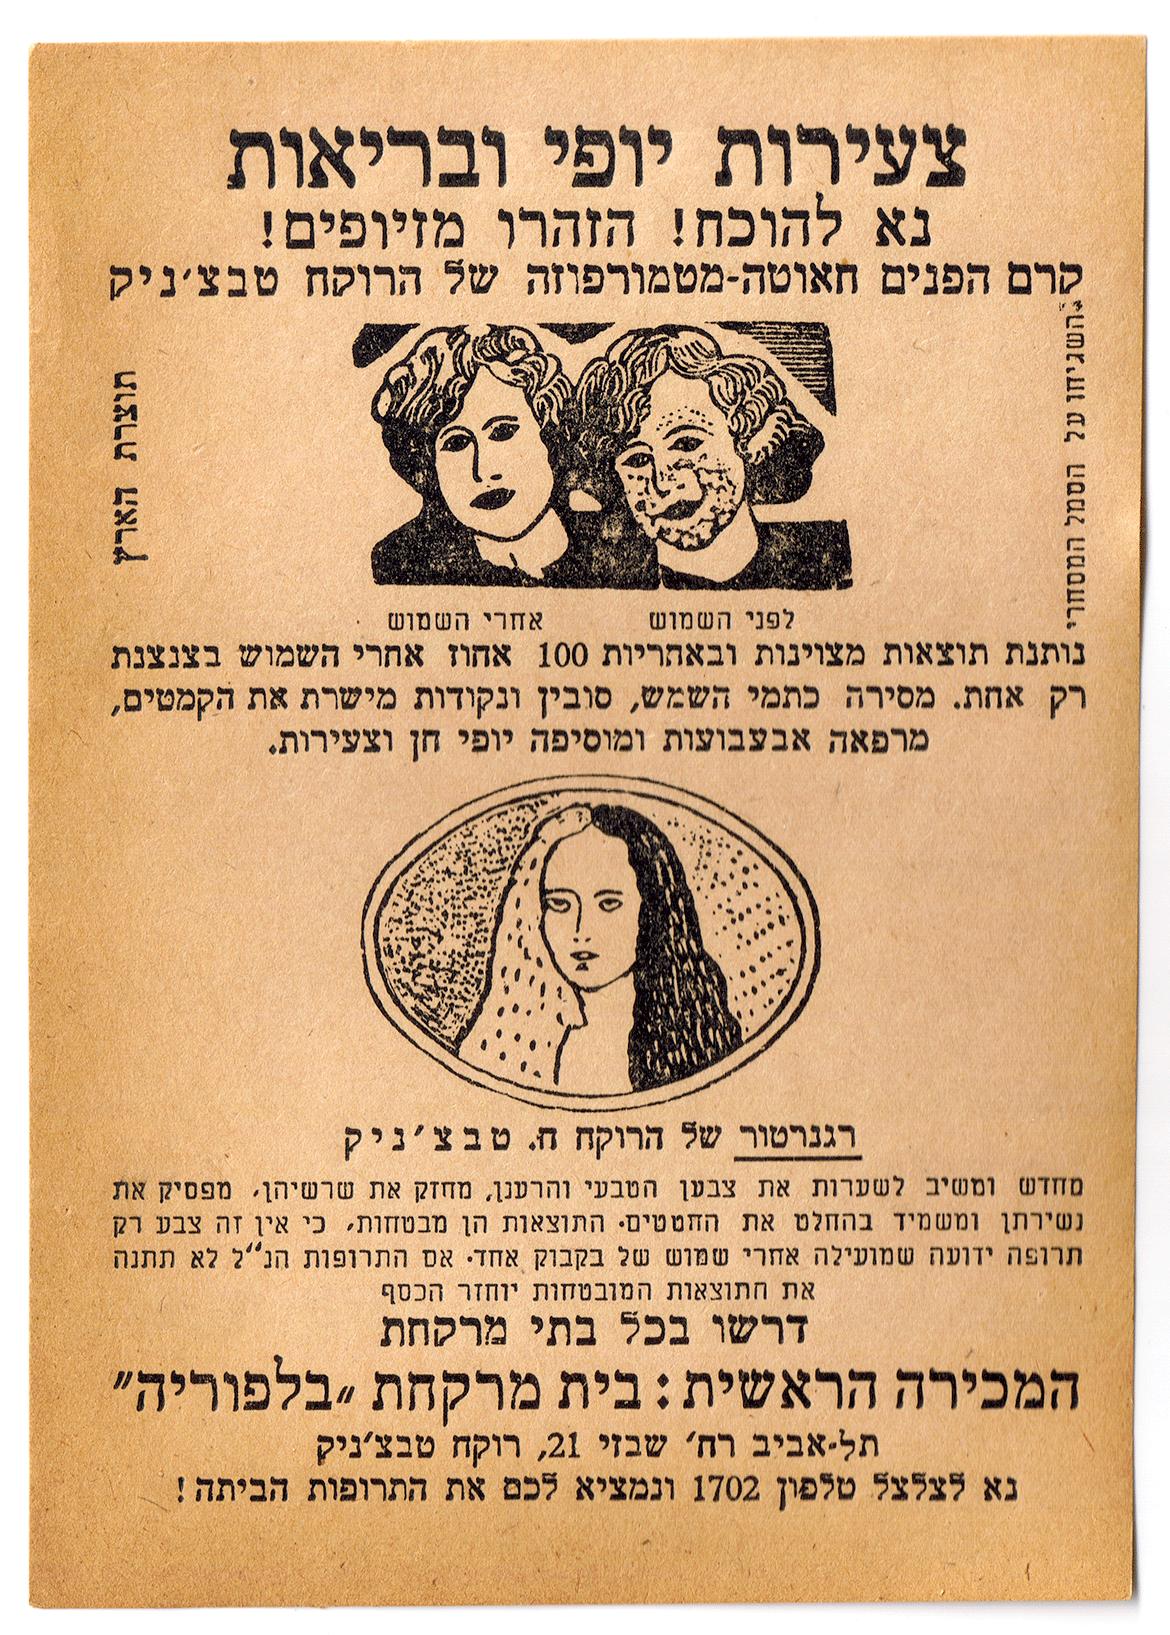 מודעה משנת 1930